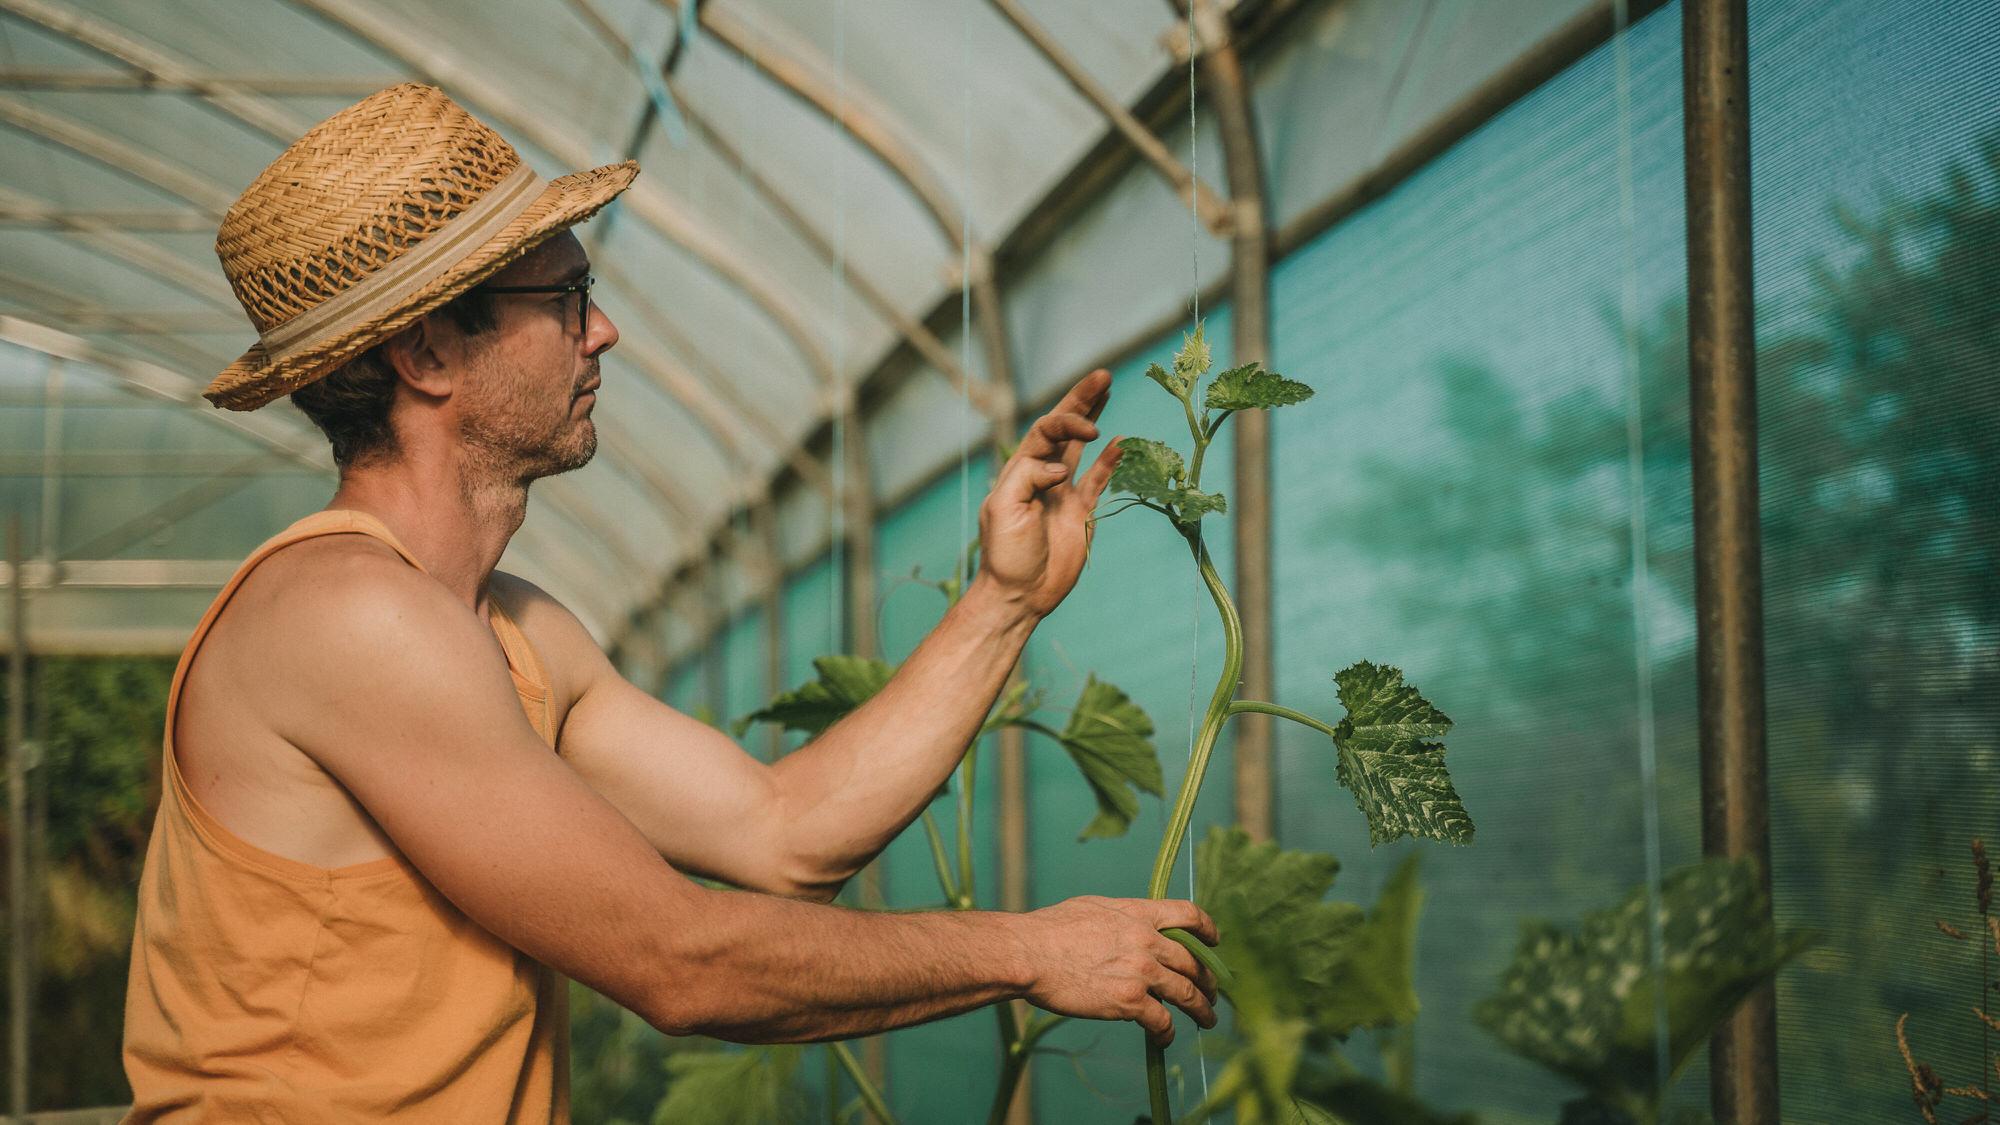 Reportage Photo Brest 20200713 04767 Les Jardins De Kerlomann Légumes Anciens Et Bio En Bretagne Www.antoineborzeix.fr , Photographe & Videaste à Brest / Finistère